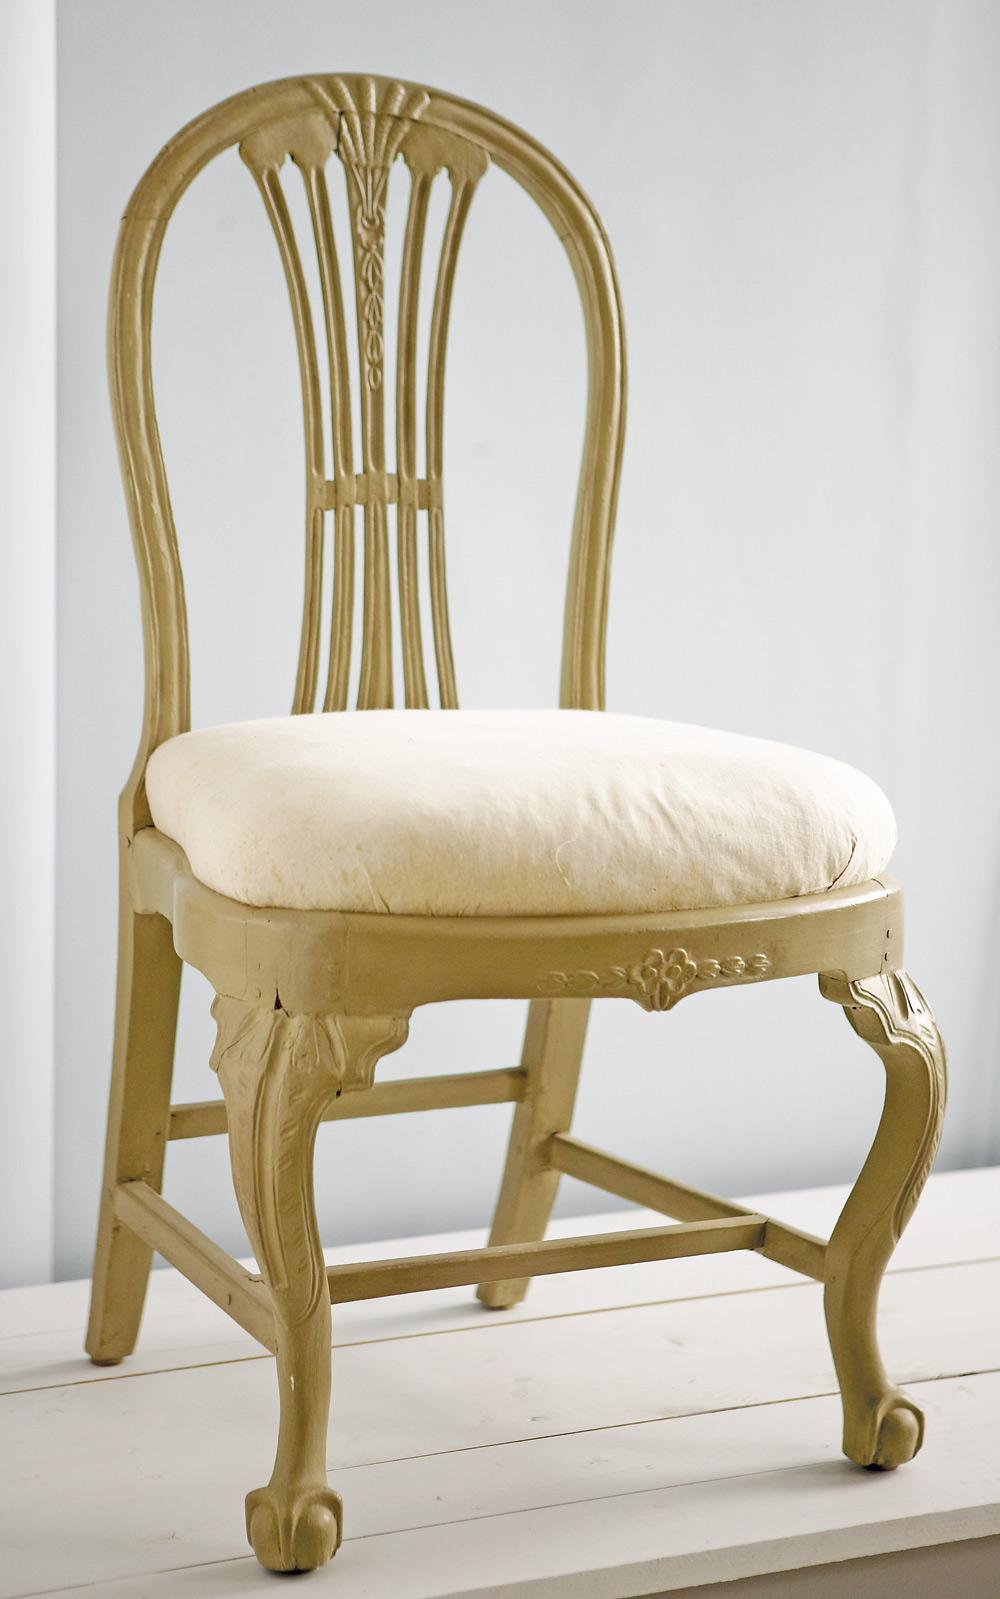 Stol med kopplat spjälknippe som är typiskt för gustavianska stolar, benen bär spår av senbarock och rokoko. Foto: Anders Norrsell.